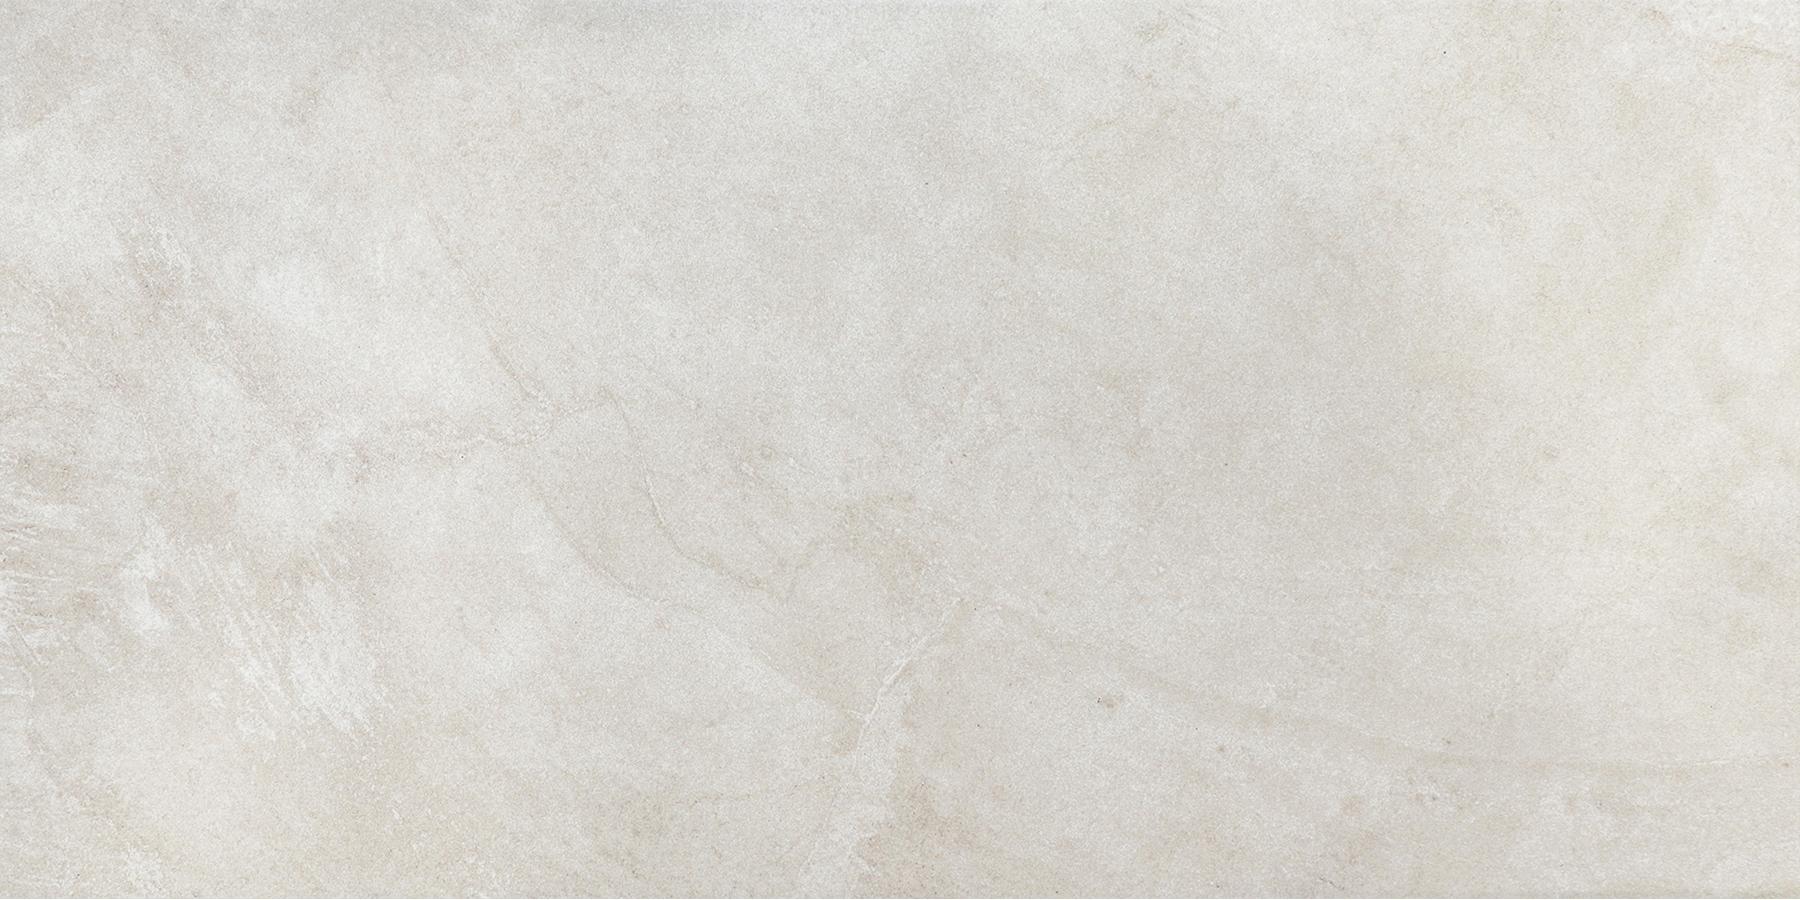 12x24 Levian Snow Porcelain Tile